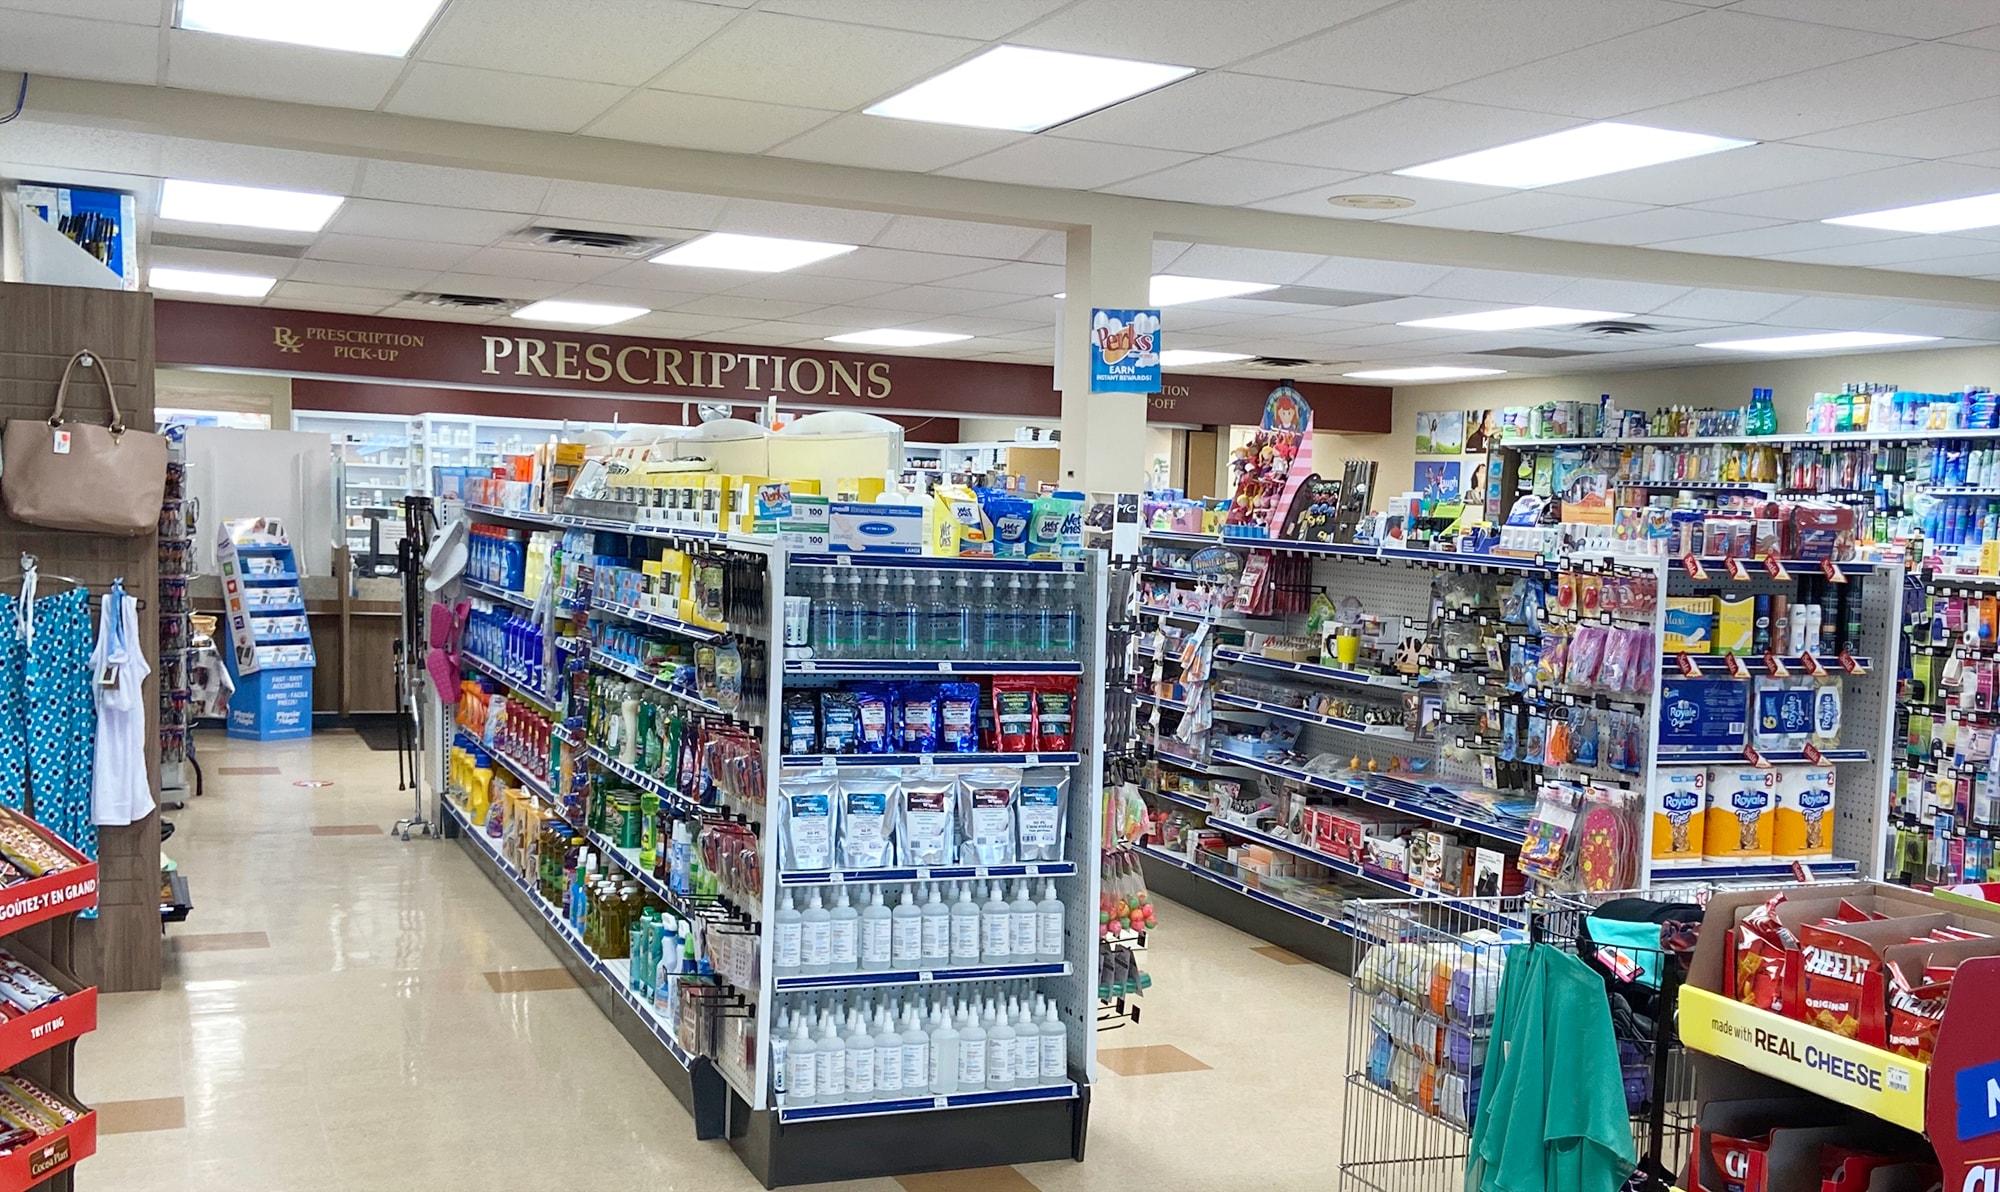 valu-pharmachoice3.jpg